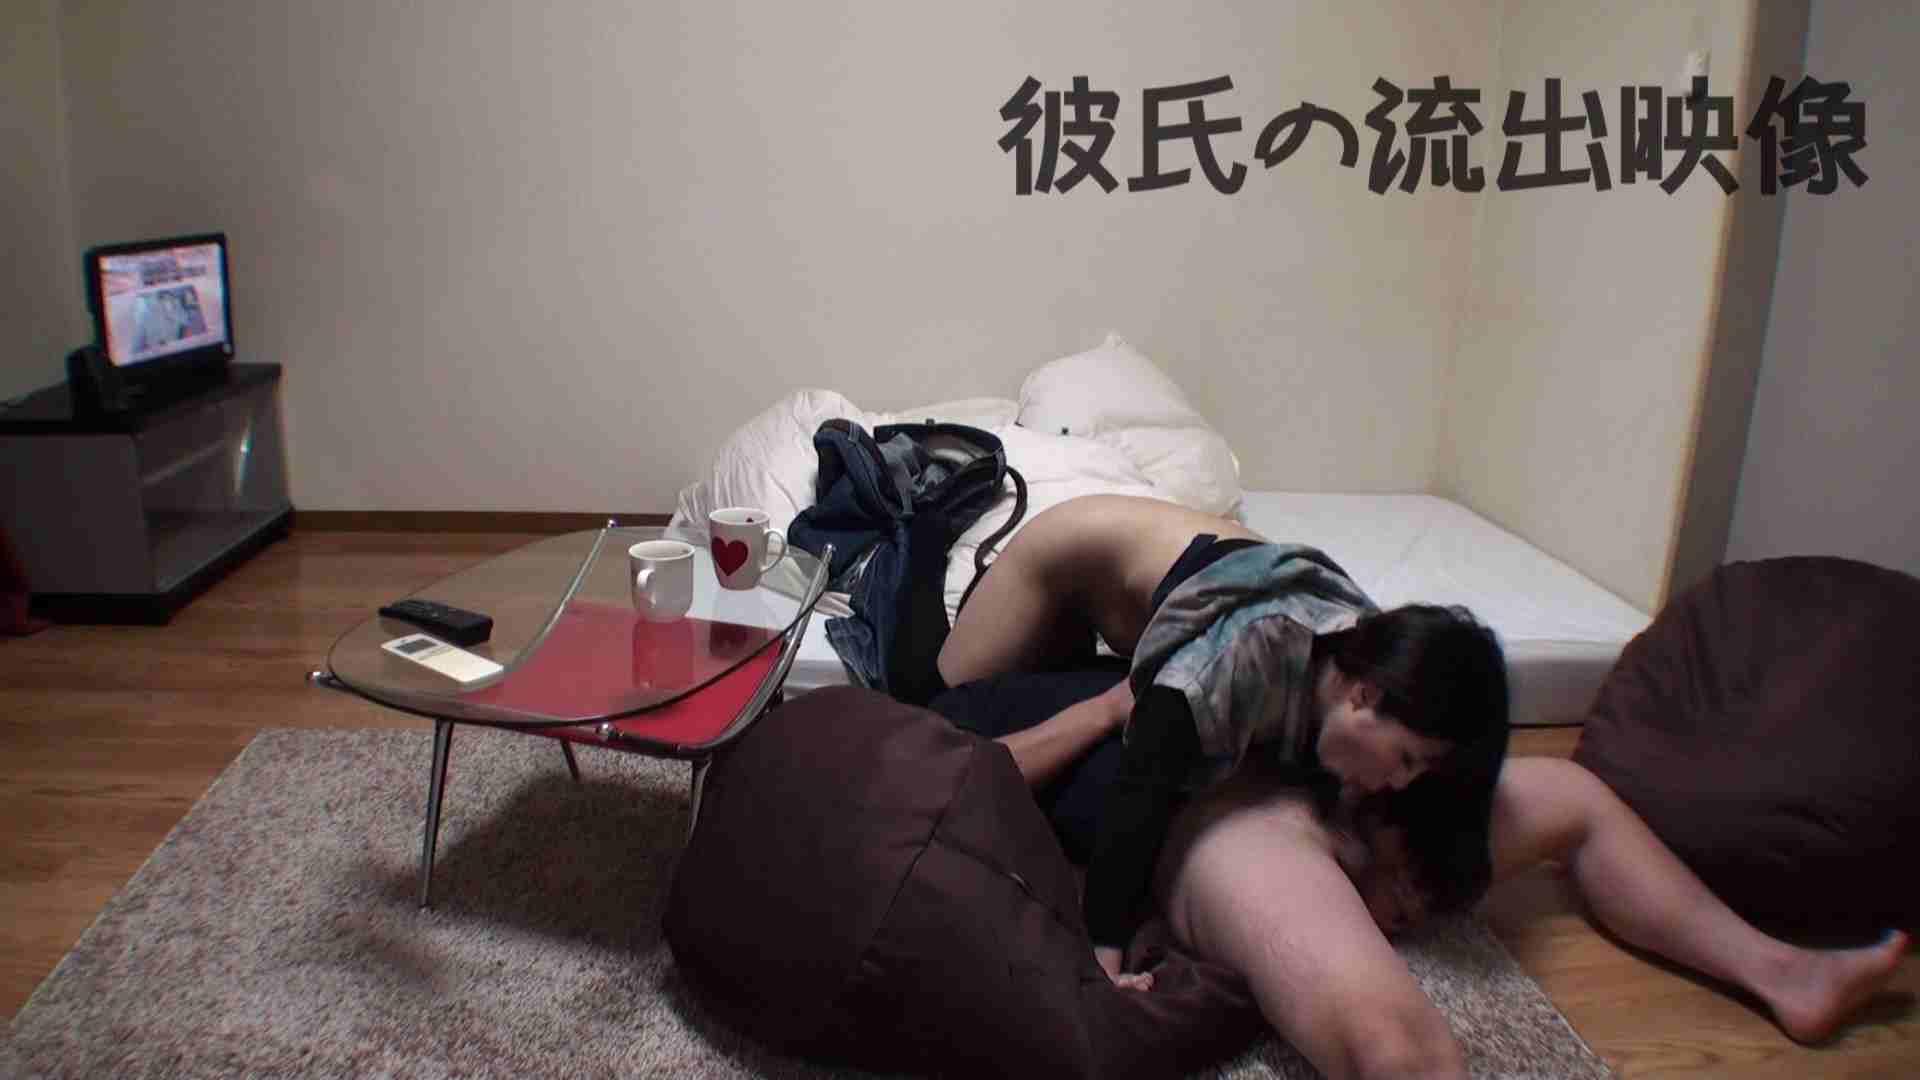 彼氏が流出 パイパン素人嬢のハメ撮り映像02 SEX  92連発 56